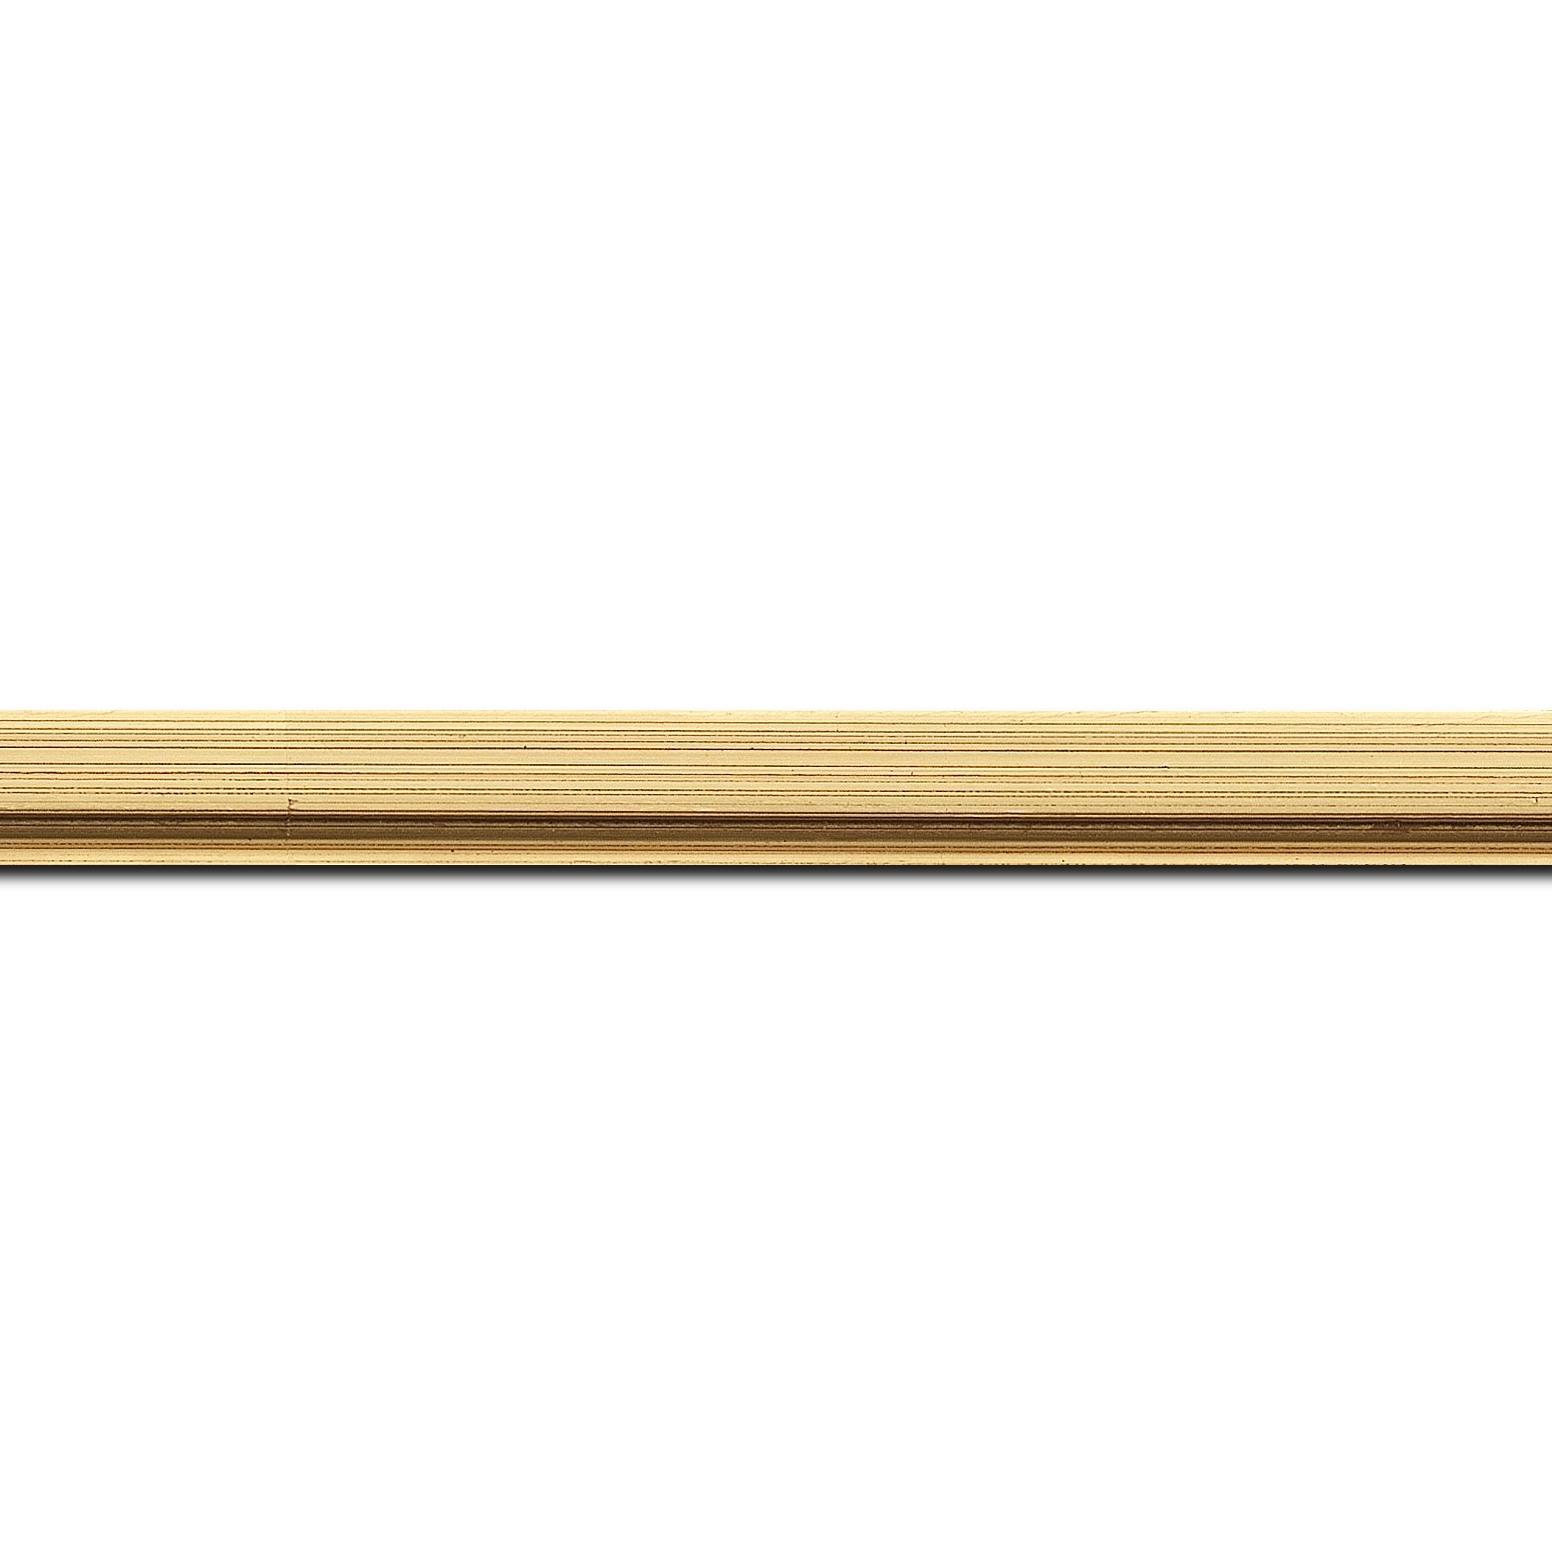 Baguette longueur 1.40m bois profil plat largeur 1.6cm or patiné à la feuille nez chanfrein